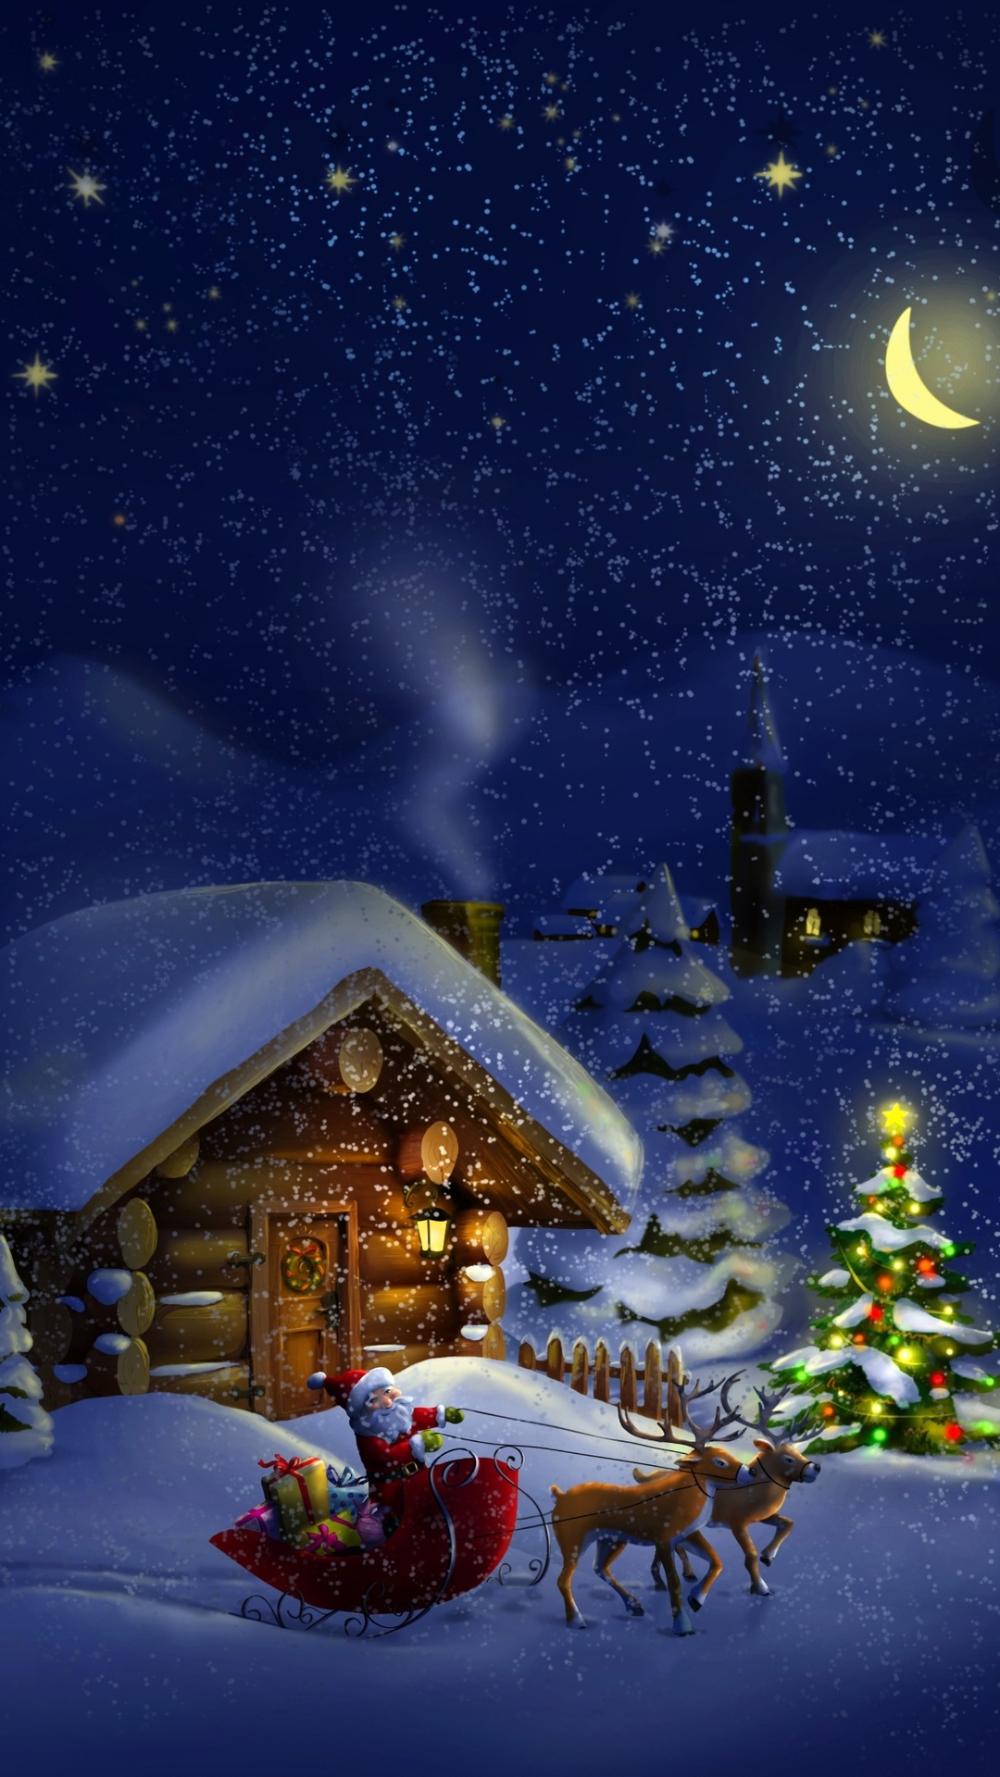 Christmas night with Santa 4K Navidad paisaje, Imágenes